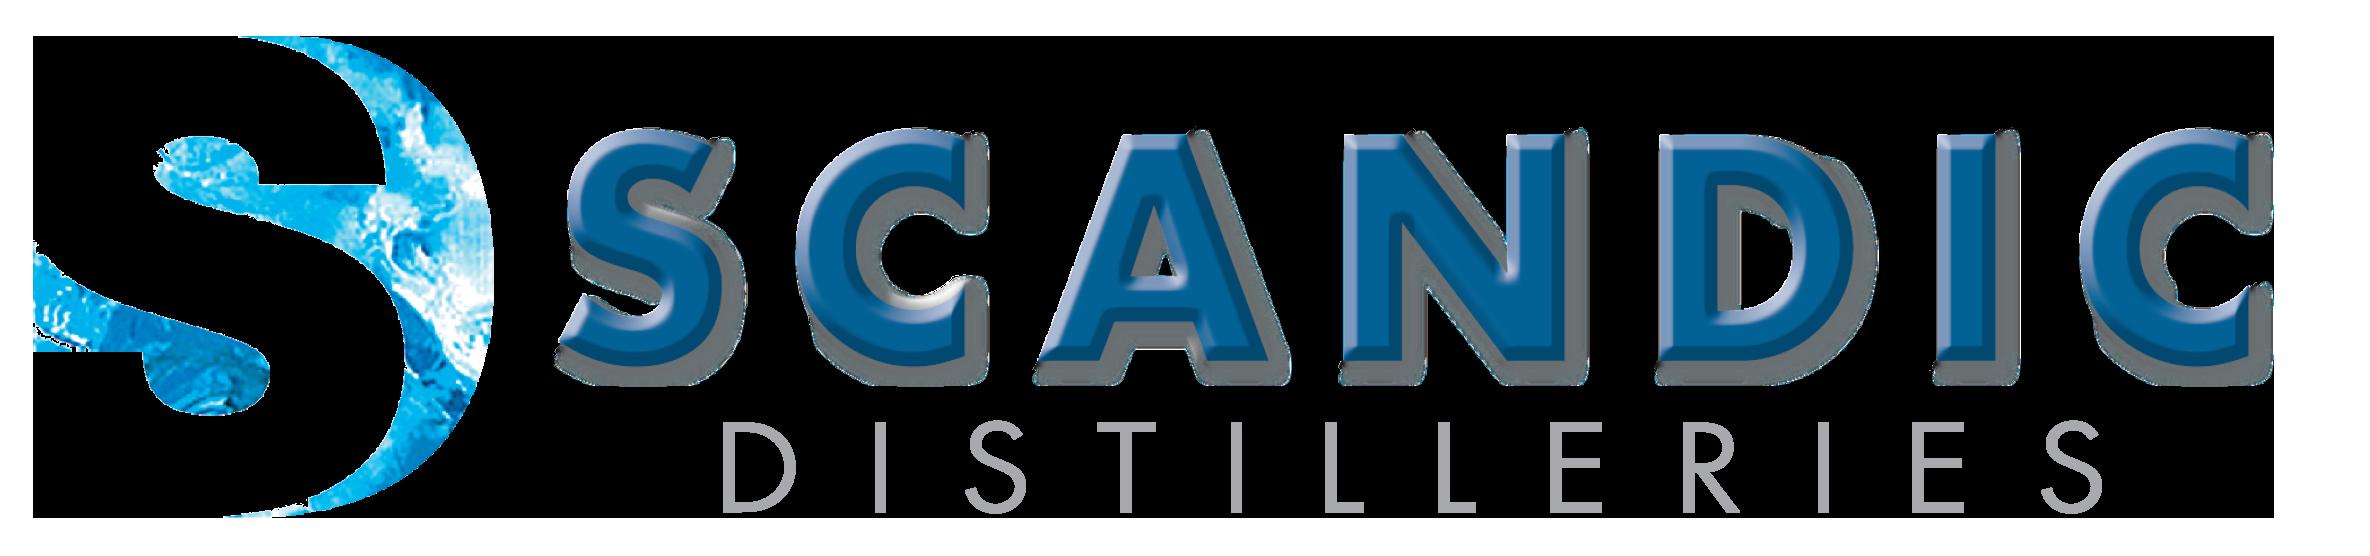 scandic-logo-png